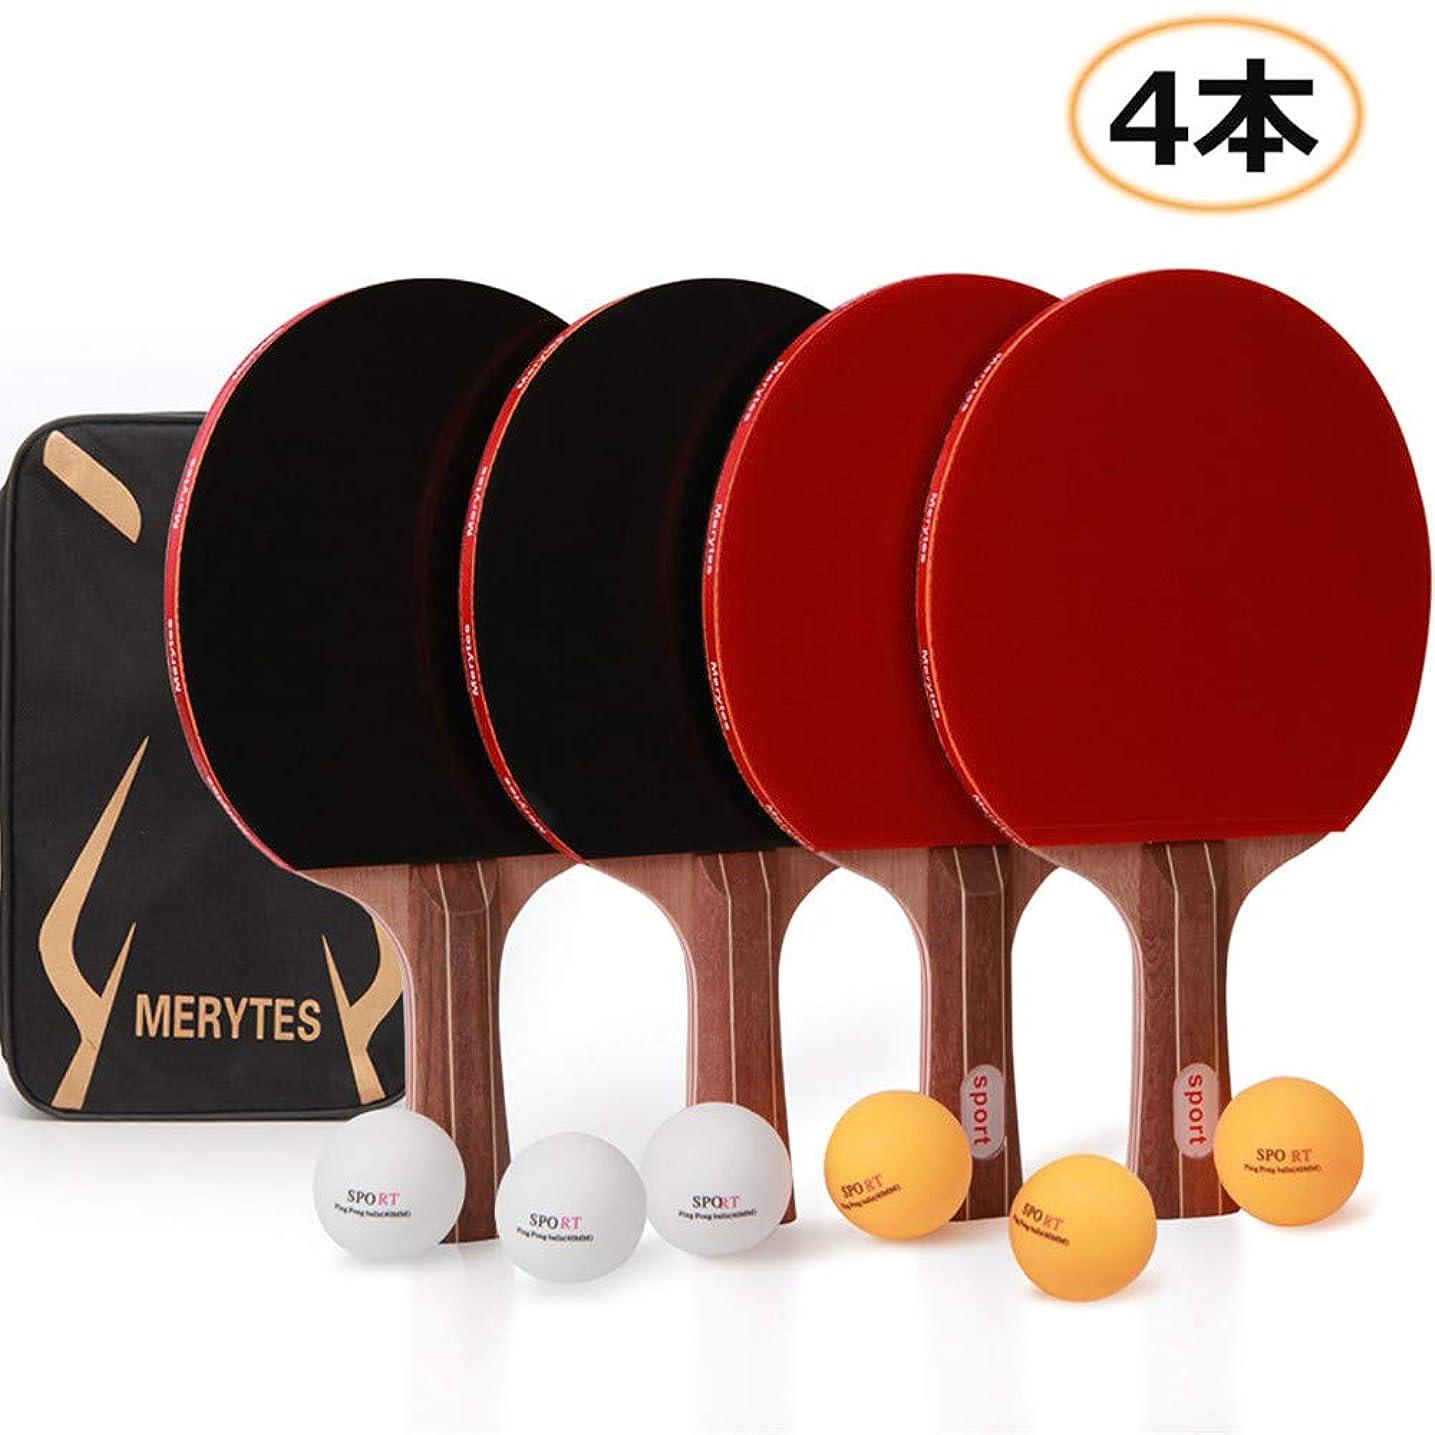 他の場所タンク小さいMerytes 卓球 ラケット ピンポンラケット パドル 4本セット 卓球ボール6個付き 卓球 セット